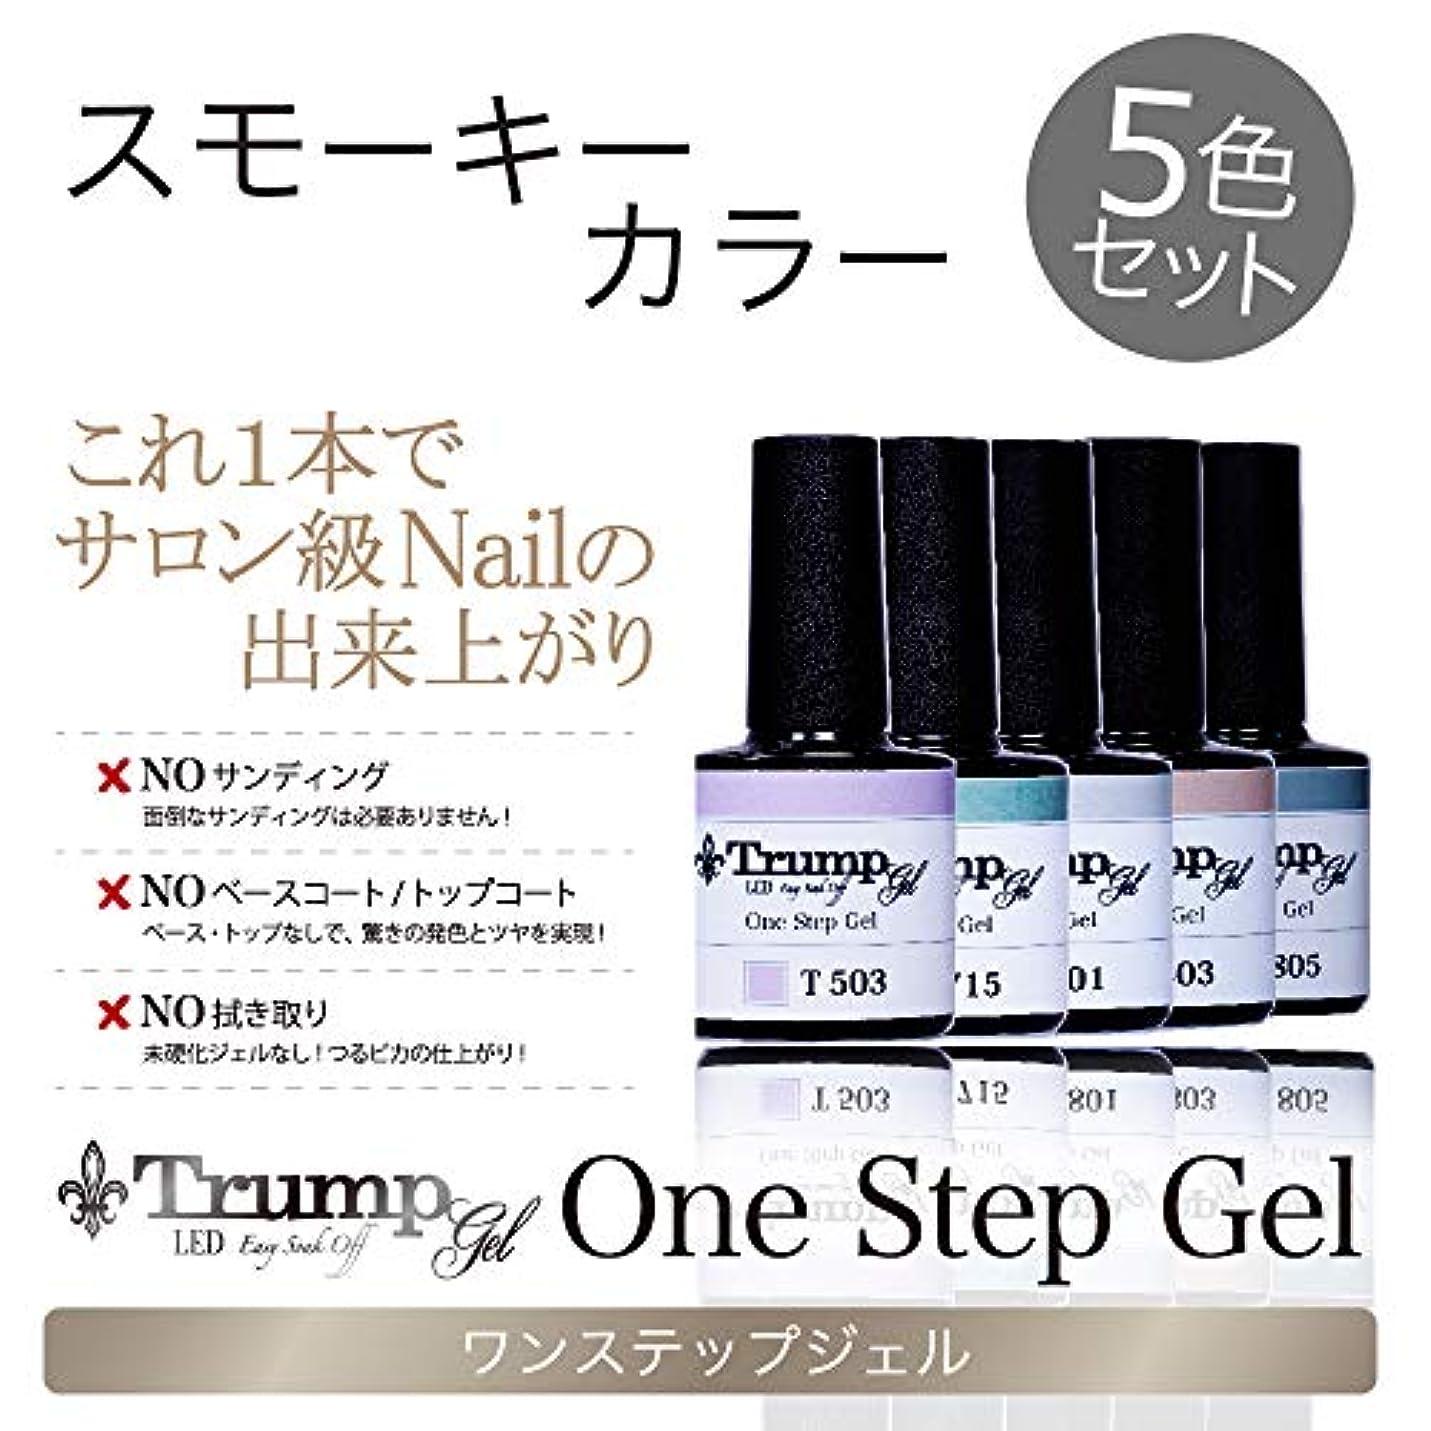 傾く全体に最小化する【日本製】Trump gel トランプジェル ワンステップジェル ジェルネイル カラージェル 5点 セット ニュアンスカラー (スモーキーカラー5色セット)